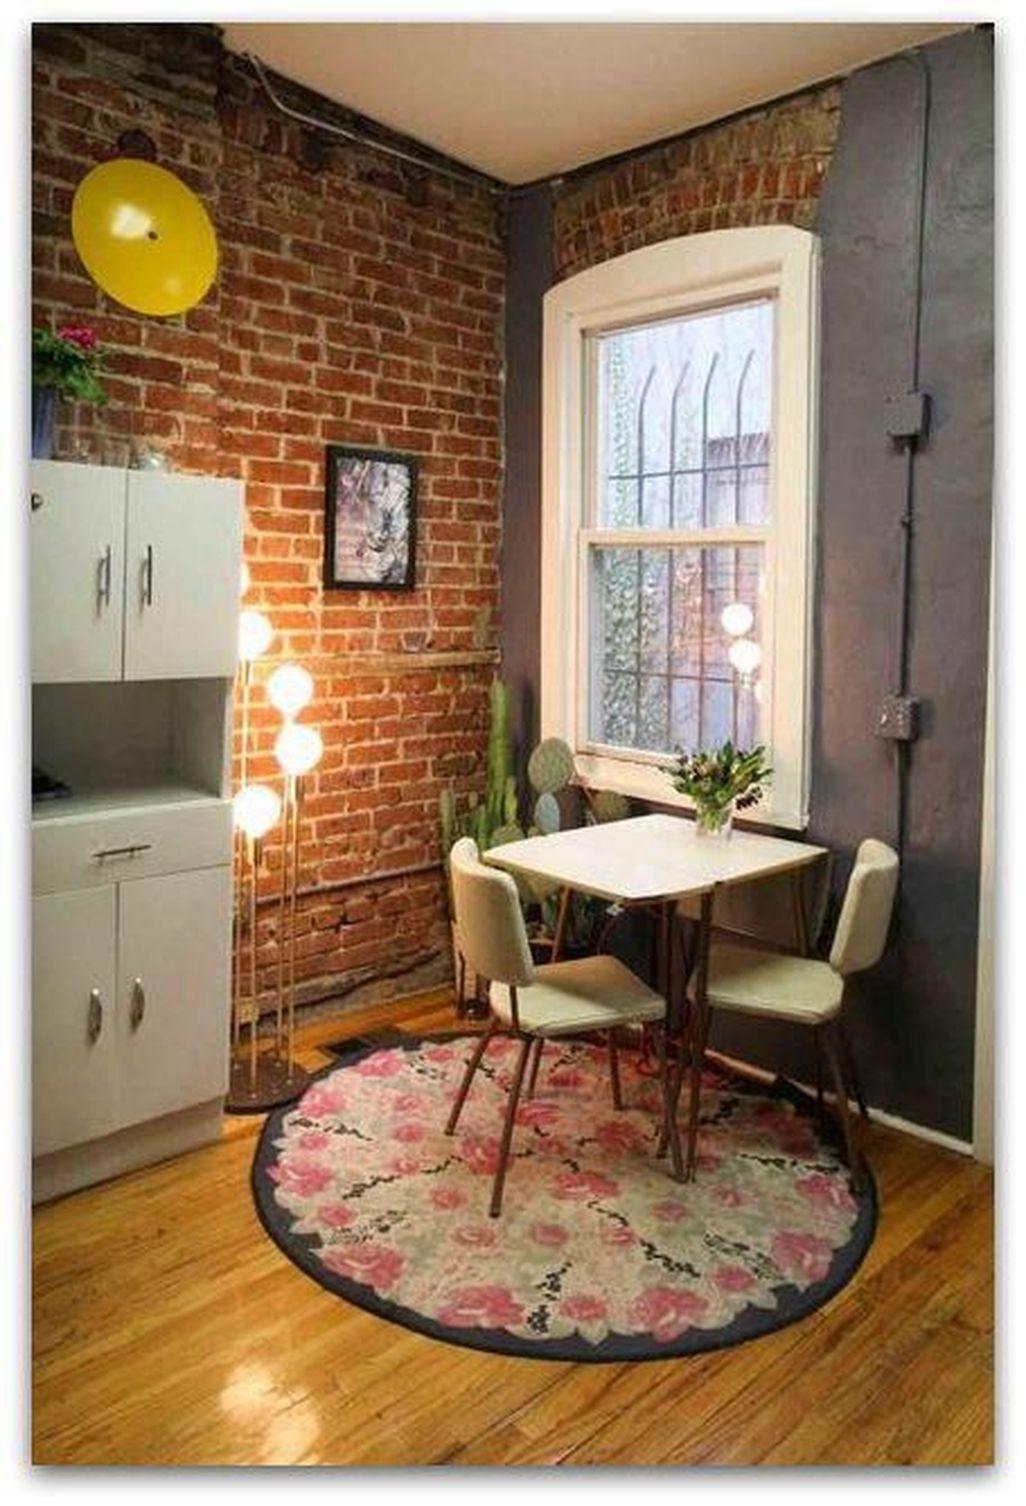 Elegant Exposed Brick Apartment Décor Ideas 46